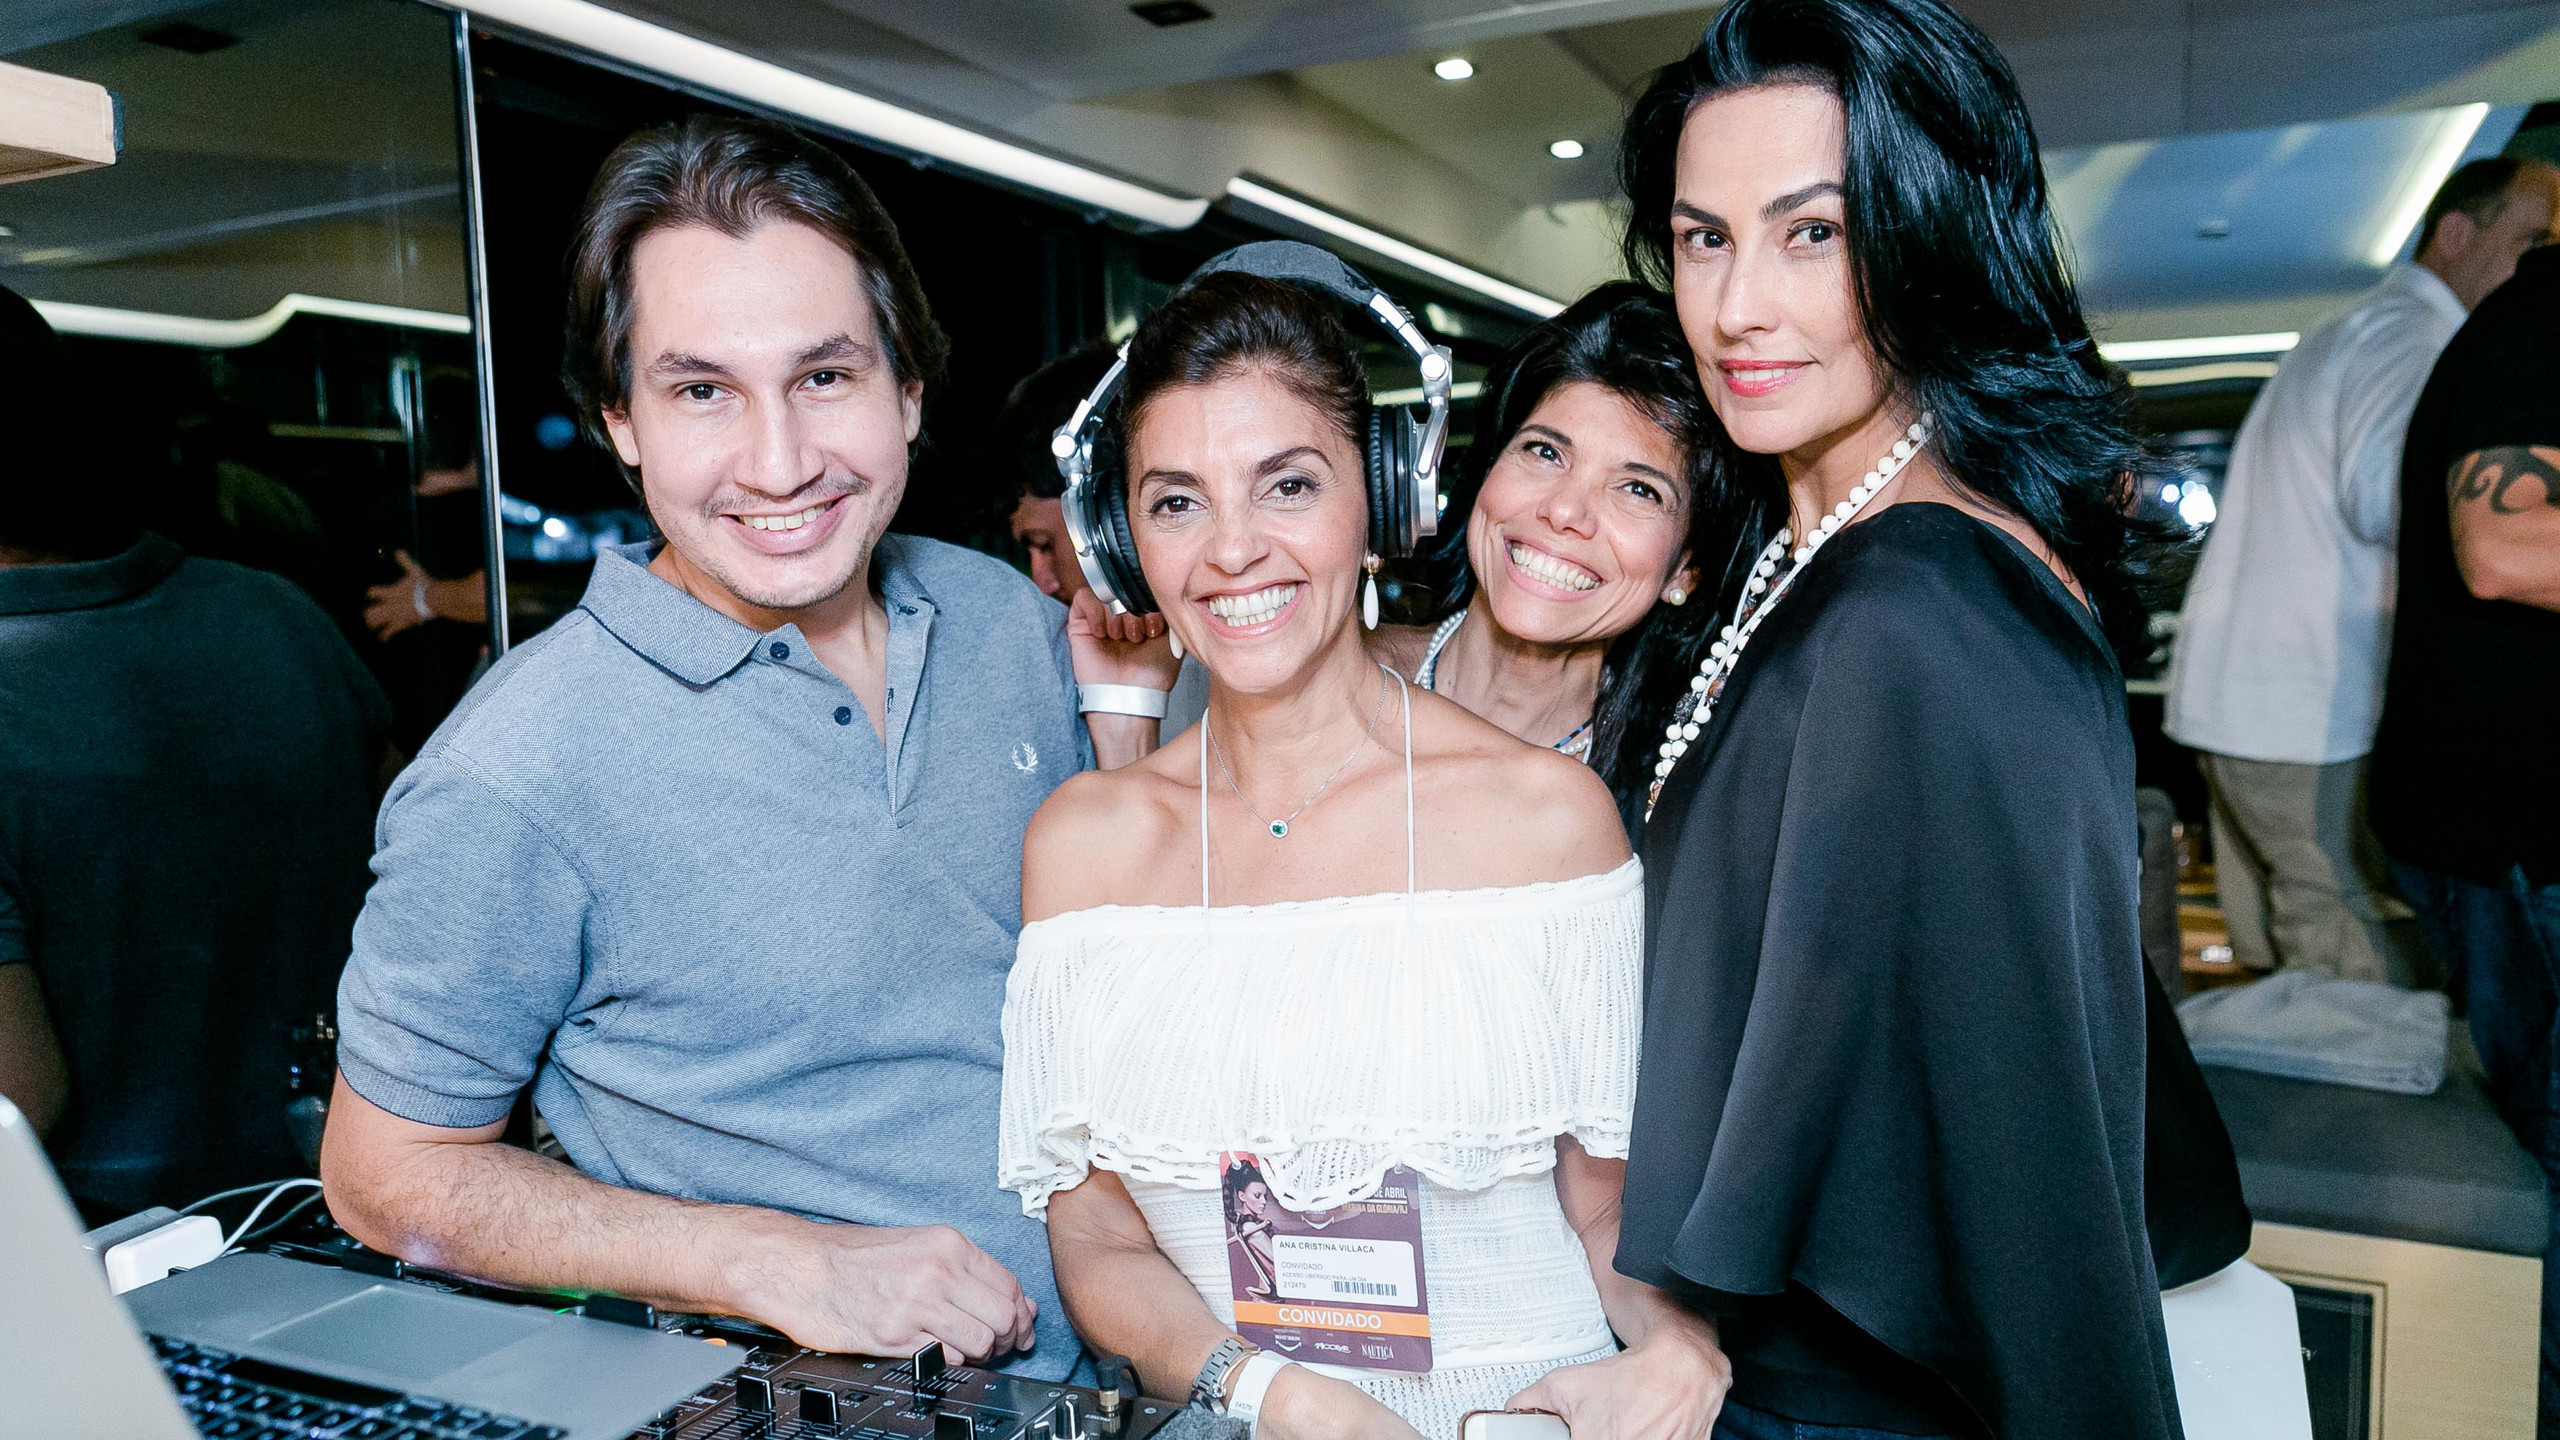 Dj Kahl Ana Cristina Villaca Ana Lucia Azevedo Antunes e Adriana Almeida-0209